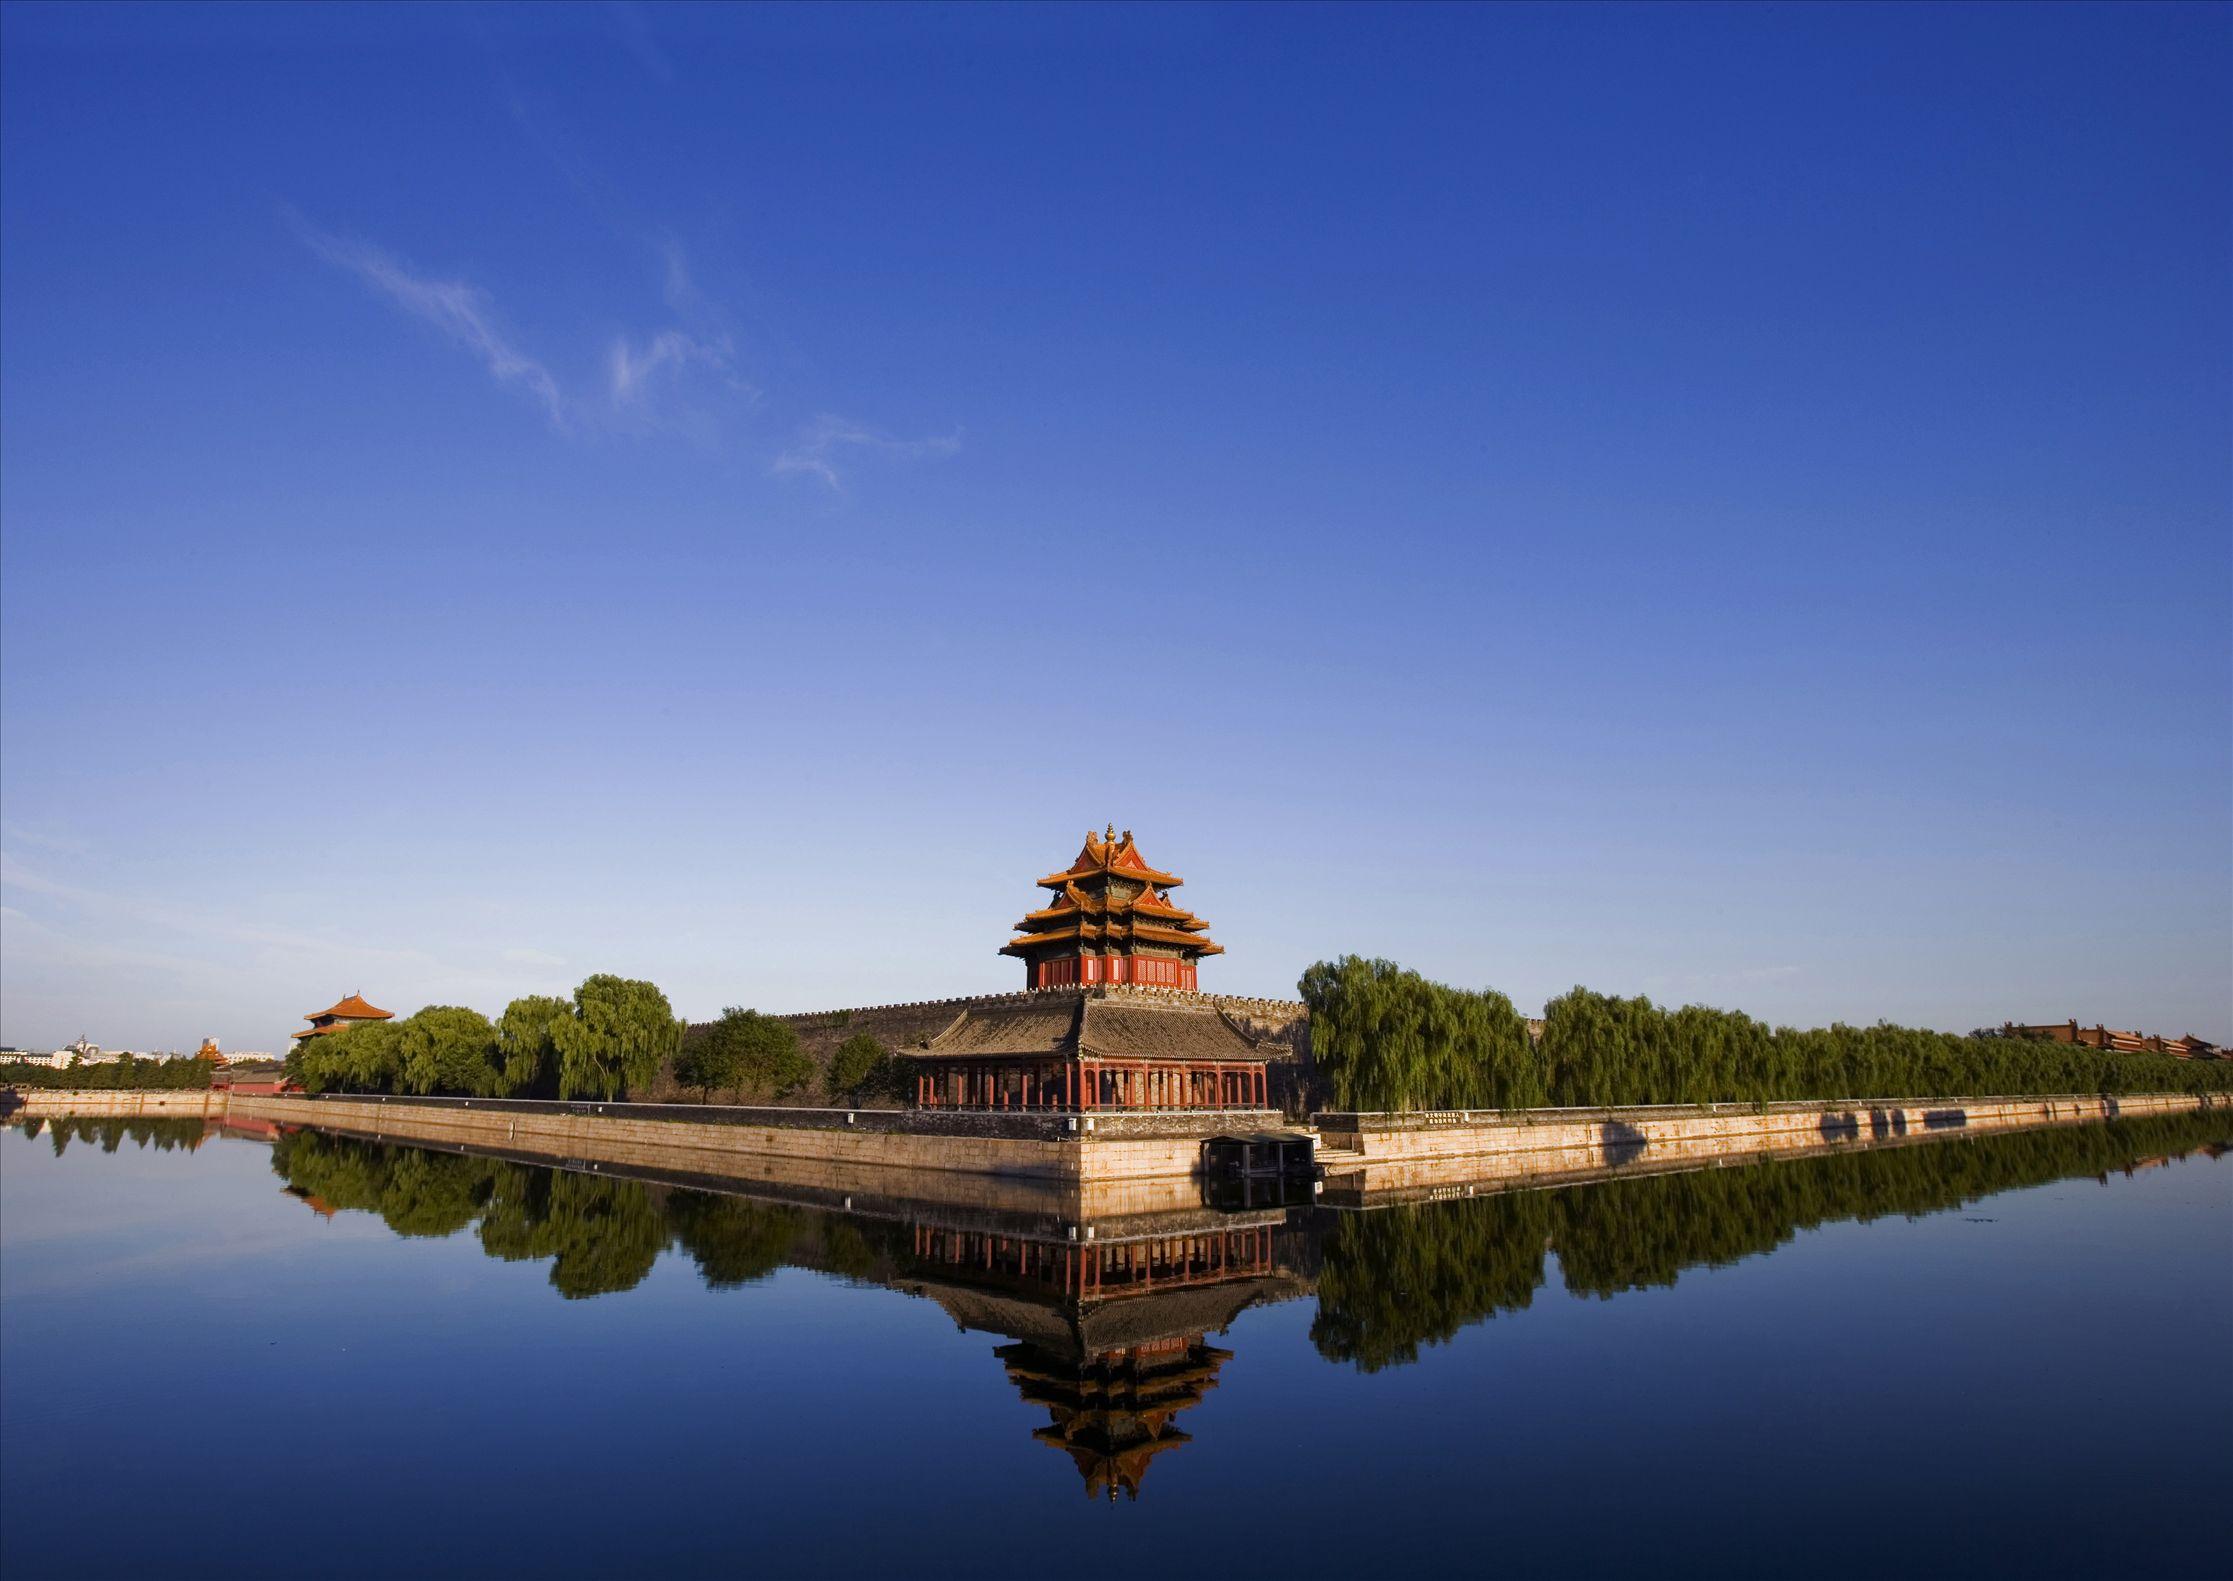 【观光北京】3月北京+古北水镇 双高5日游